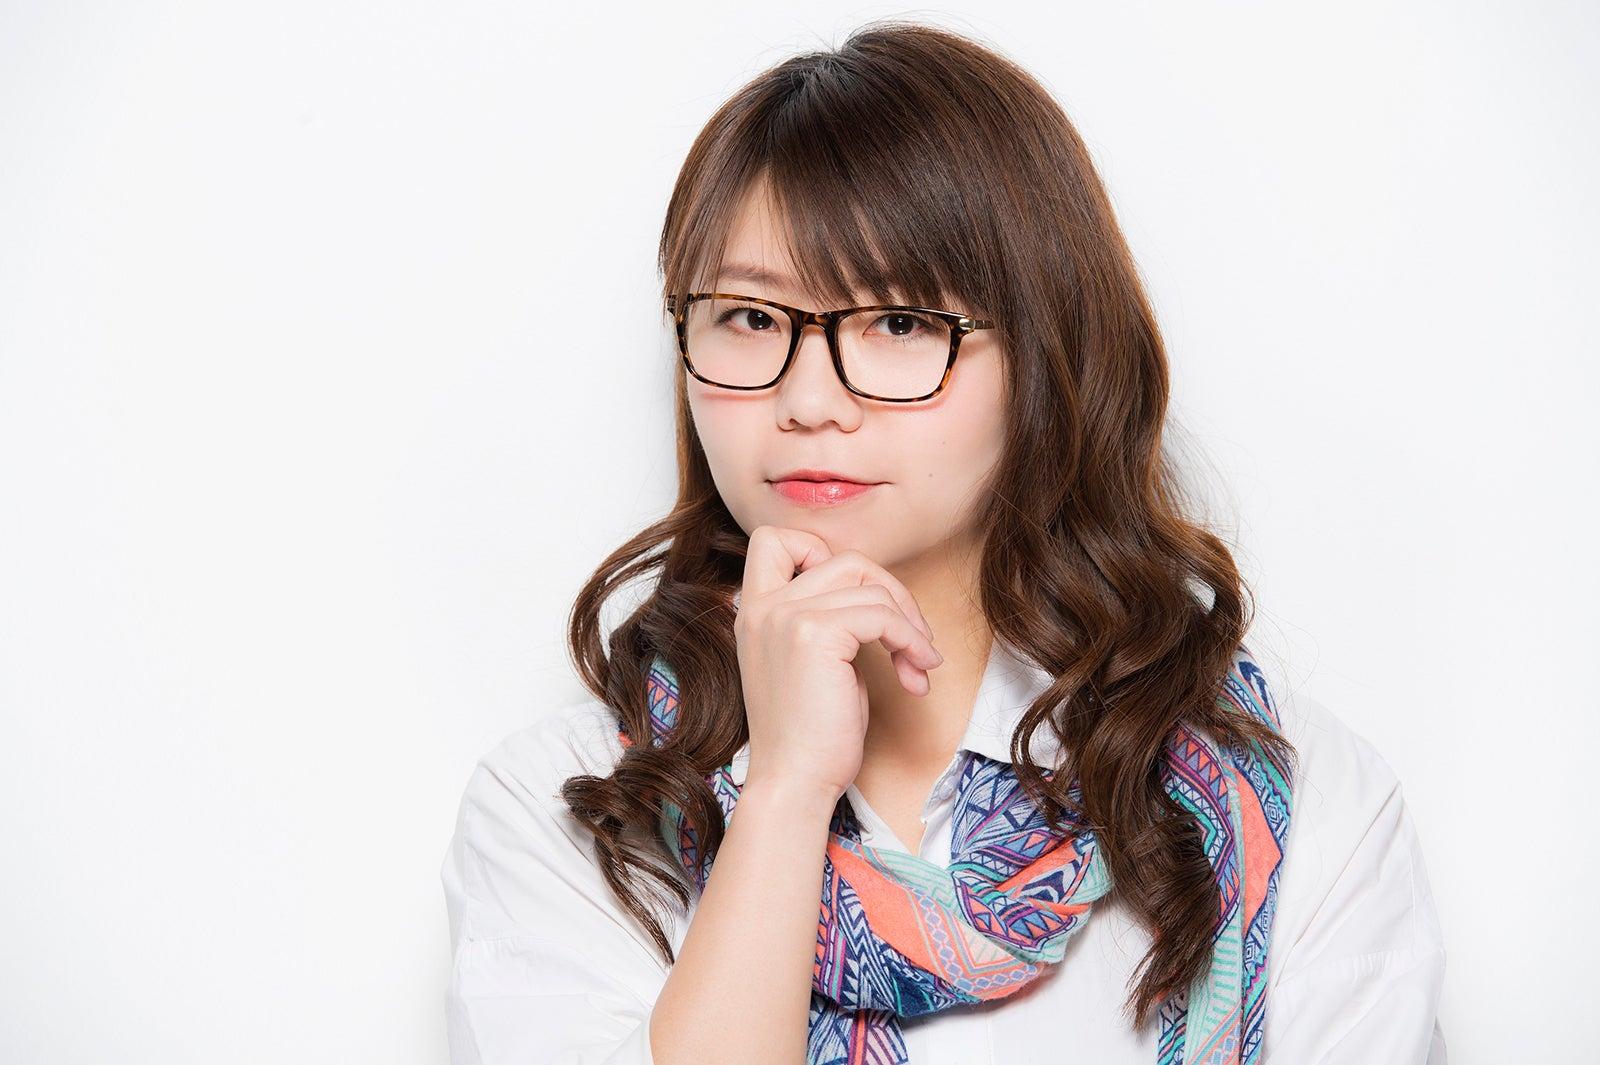 お笑い芸人相席スタートの山崎ケイさん『相席YouTube』で結婚を生報告気になるお相手は落語家の立川談洲に関する画像